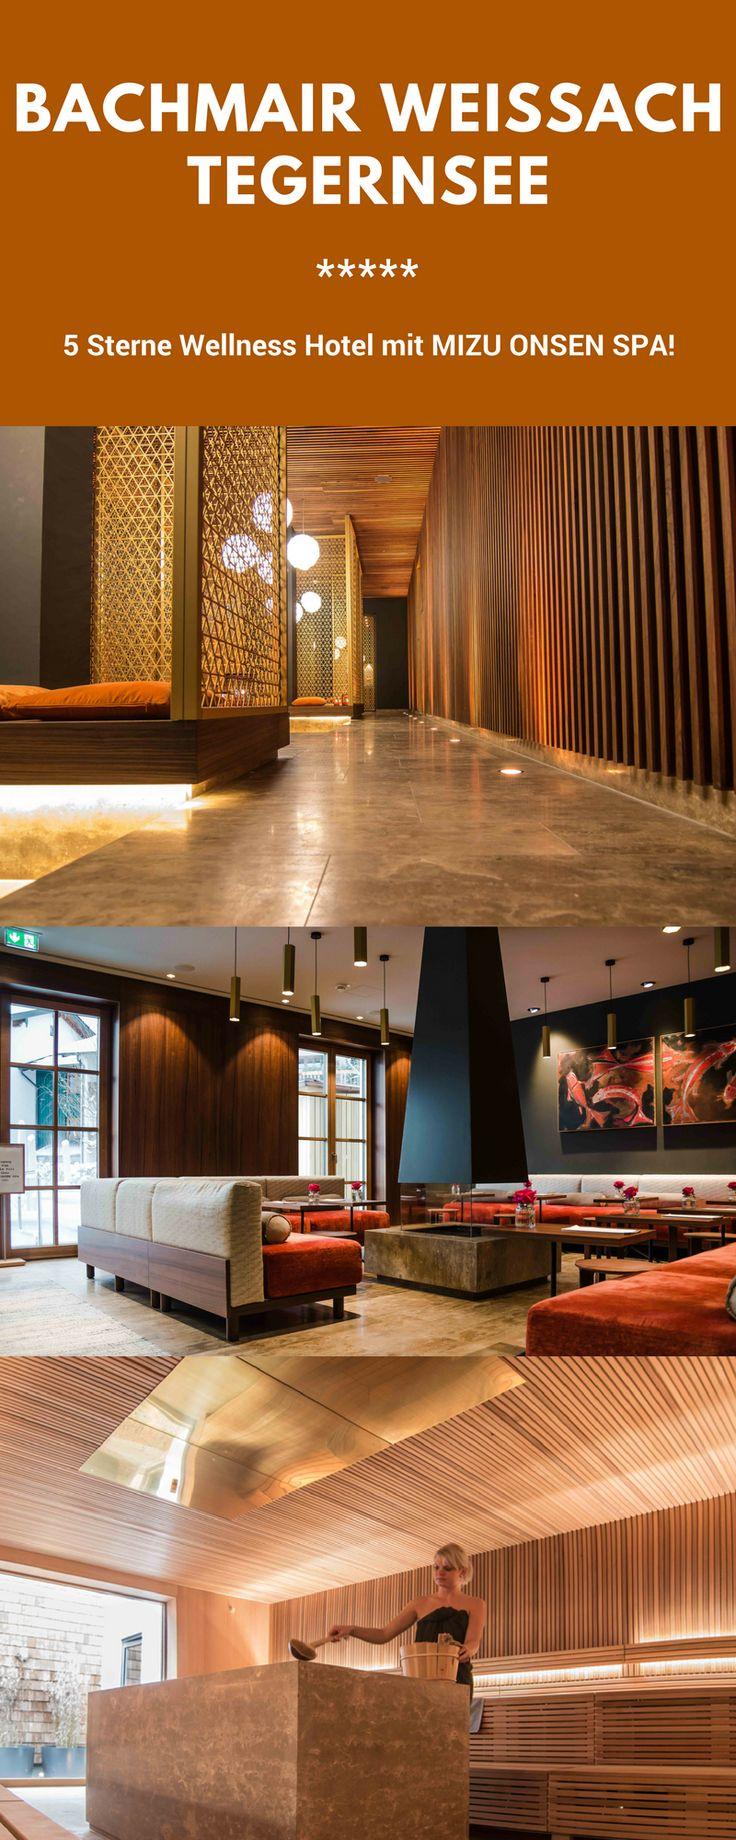 Hotel Review zum Wellnesshotel Bachmair Weissach am Tegernsee. Der neu eröffnete MIZU ONSEN SPA ist in Deutschland einmalig! Lasst euch bei Massagen verwöhnen, empfindet die Japanische Badekultur nach und tut euch etwas gutes. Perfekt zum Detox, Entspannung und als Auszeit zum Valentinstag. Ein guter Tipp sind auch die Restaurants am Tegernsee und im 5 Sterne Hotel Bachmair Weissach. Ausflug, München, Bayern, Wellness, Kurzurlaub. Auch als Yoga Retreat sehr schön und zum Wandern in den…